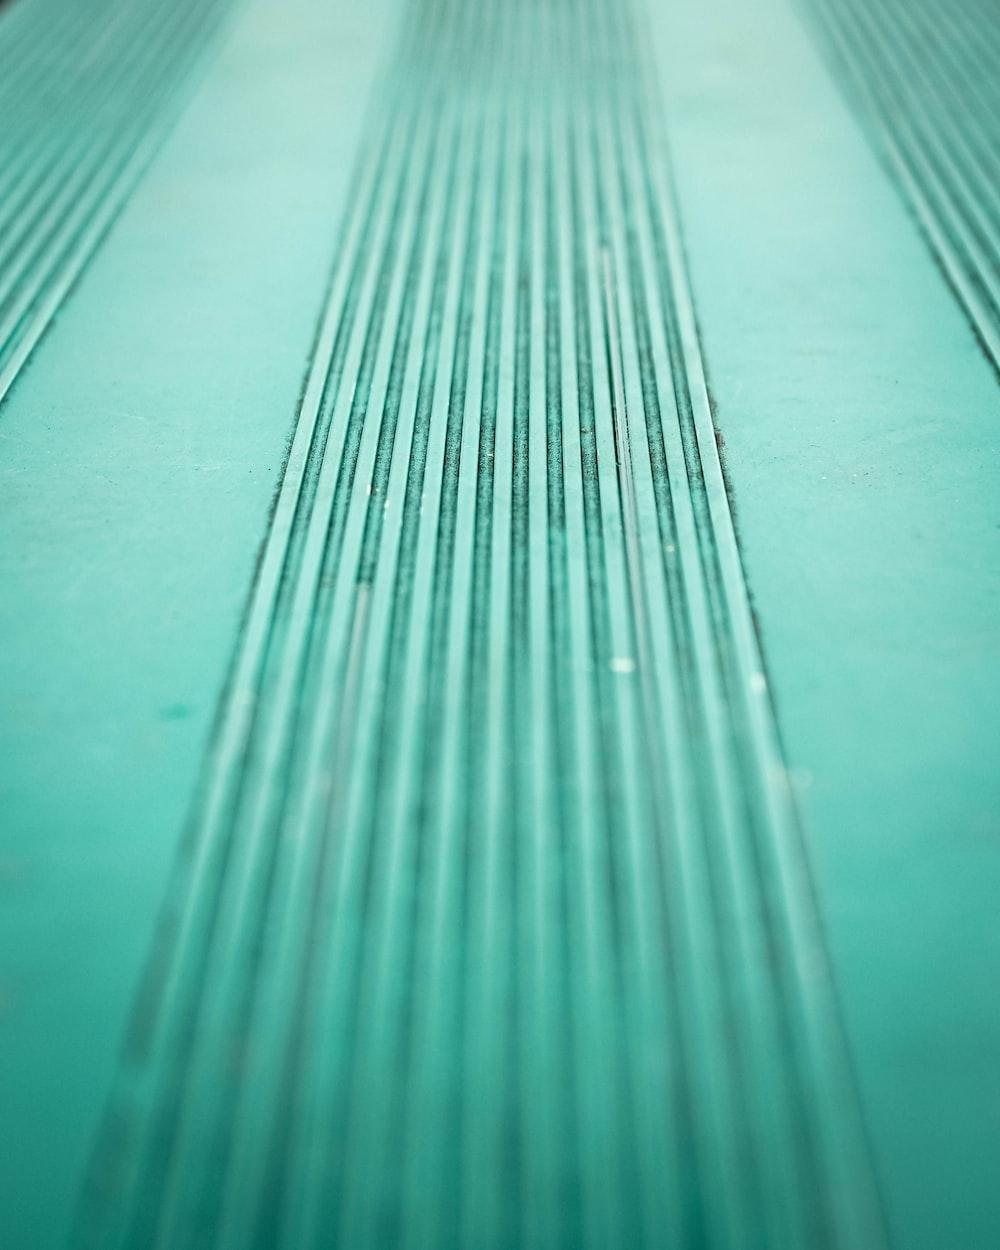 A bluish green line texture pattern.